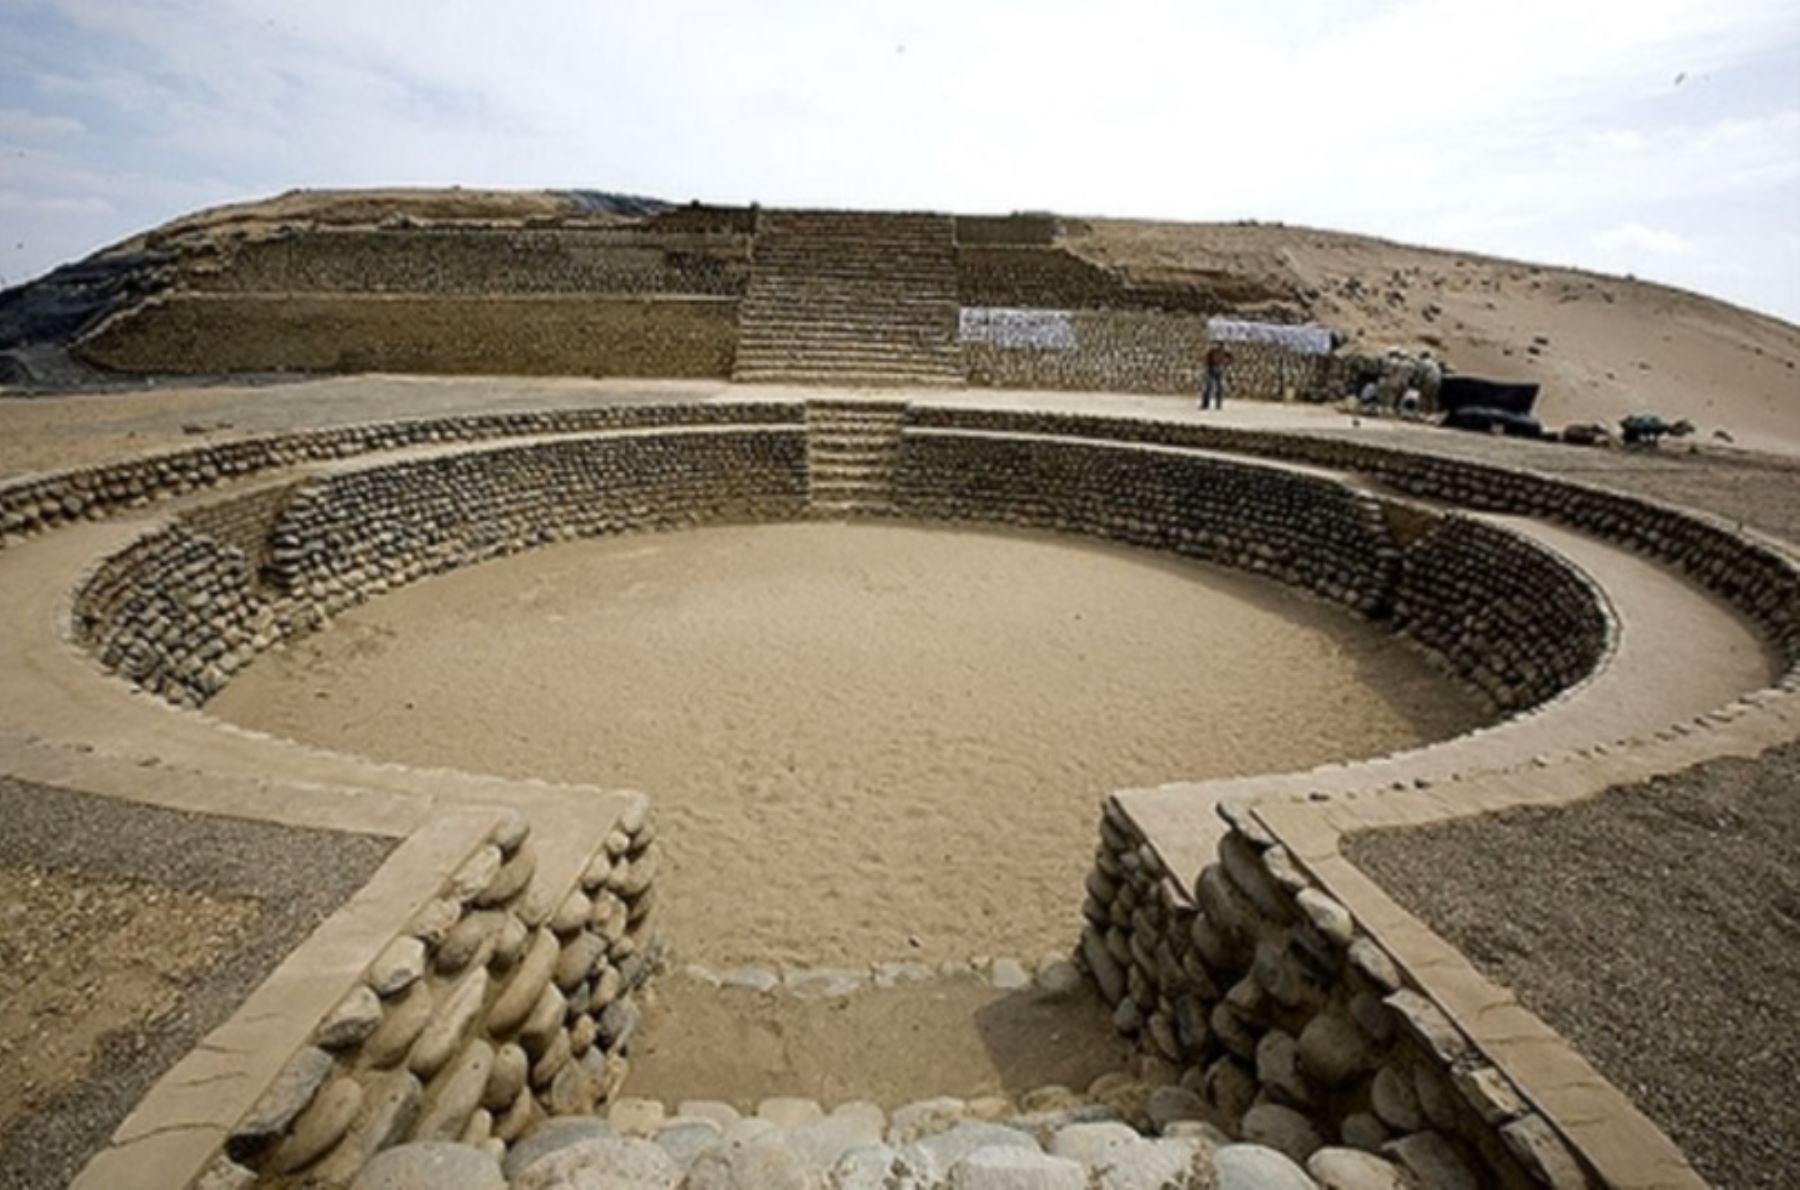 Fotos de la antigua ciudad de pompeya 76